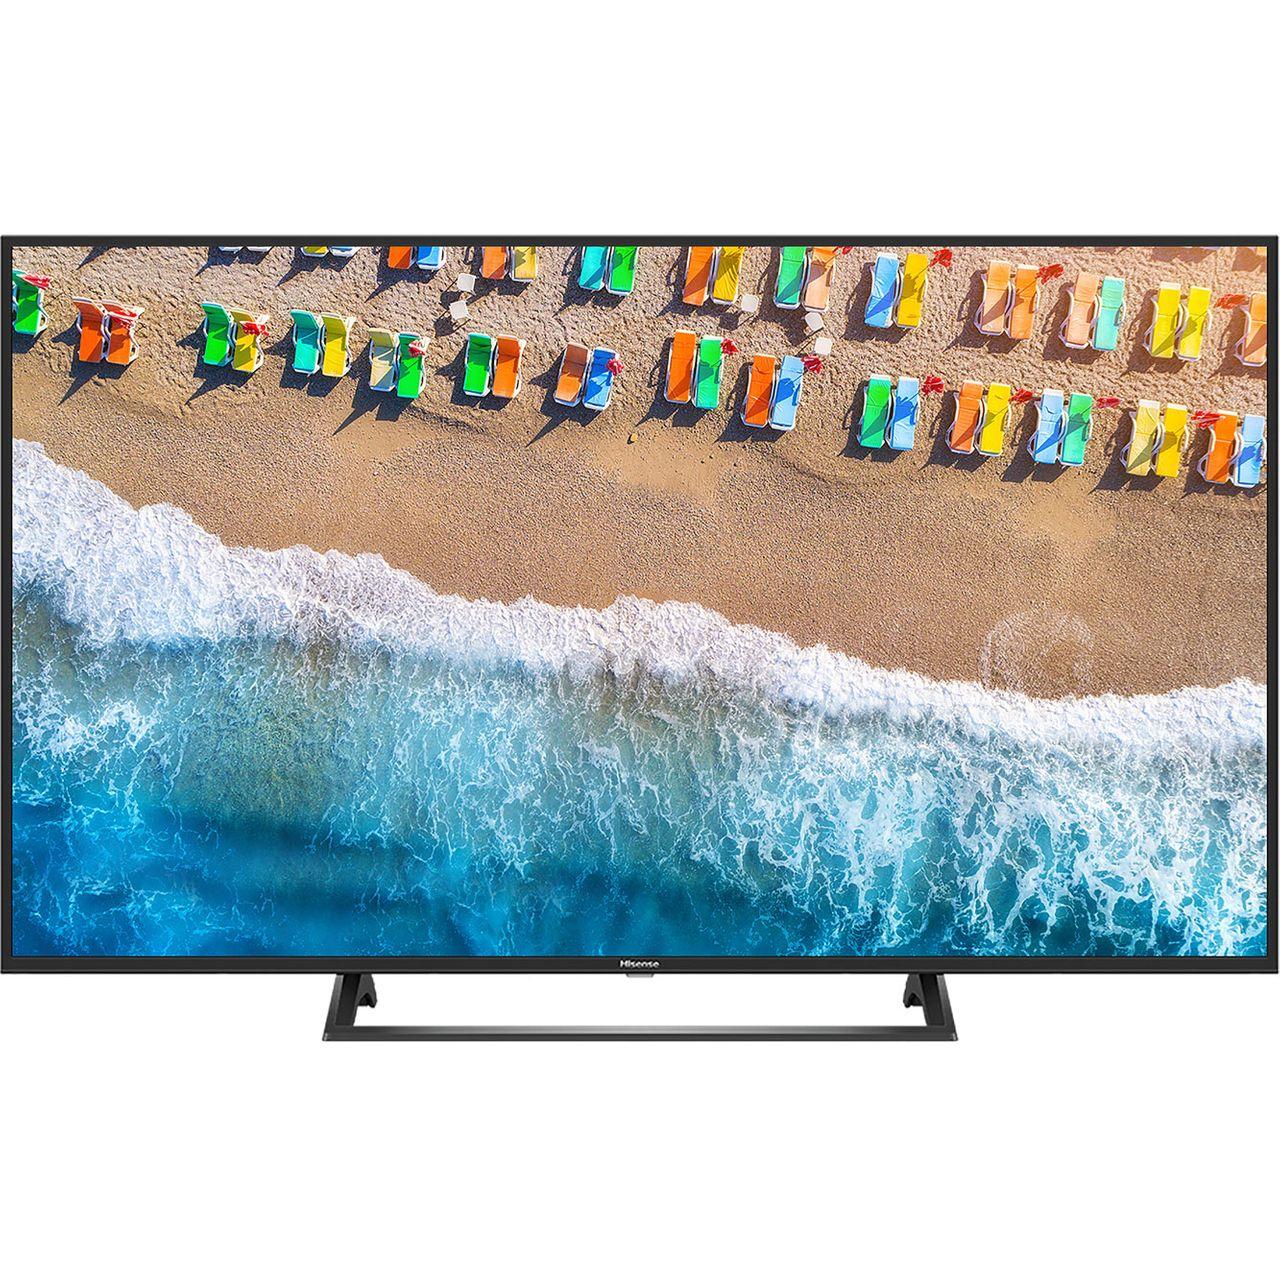 """Hisense H65BE7200 65"""" LED-TV (4K UHD, HDR10, Triple-Tuner, Smart TV)"""